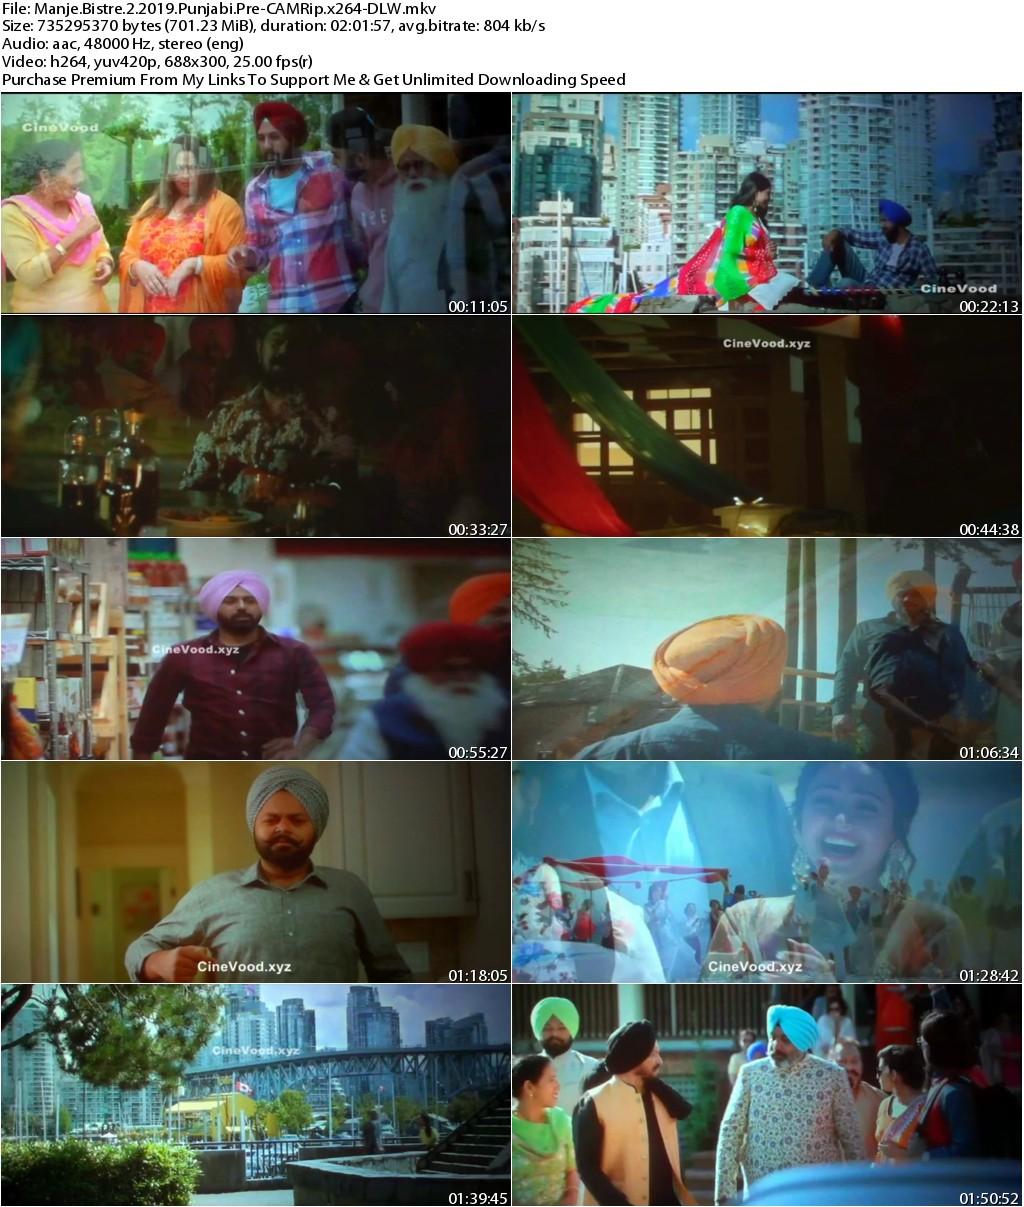 Manje Bistre 2 (2019) Punjabi Pre-CAMRip x264-DLW